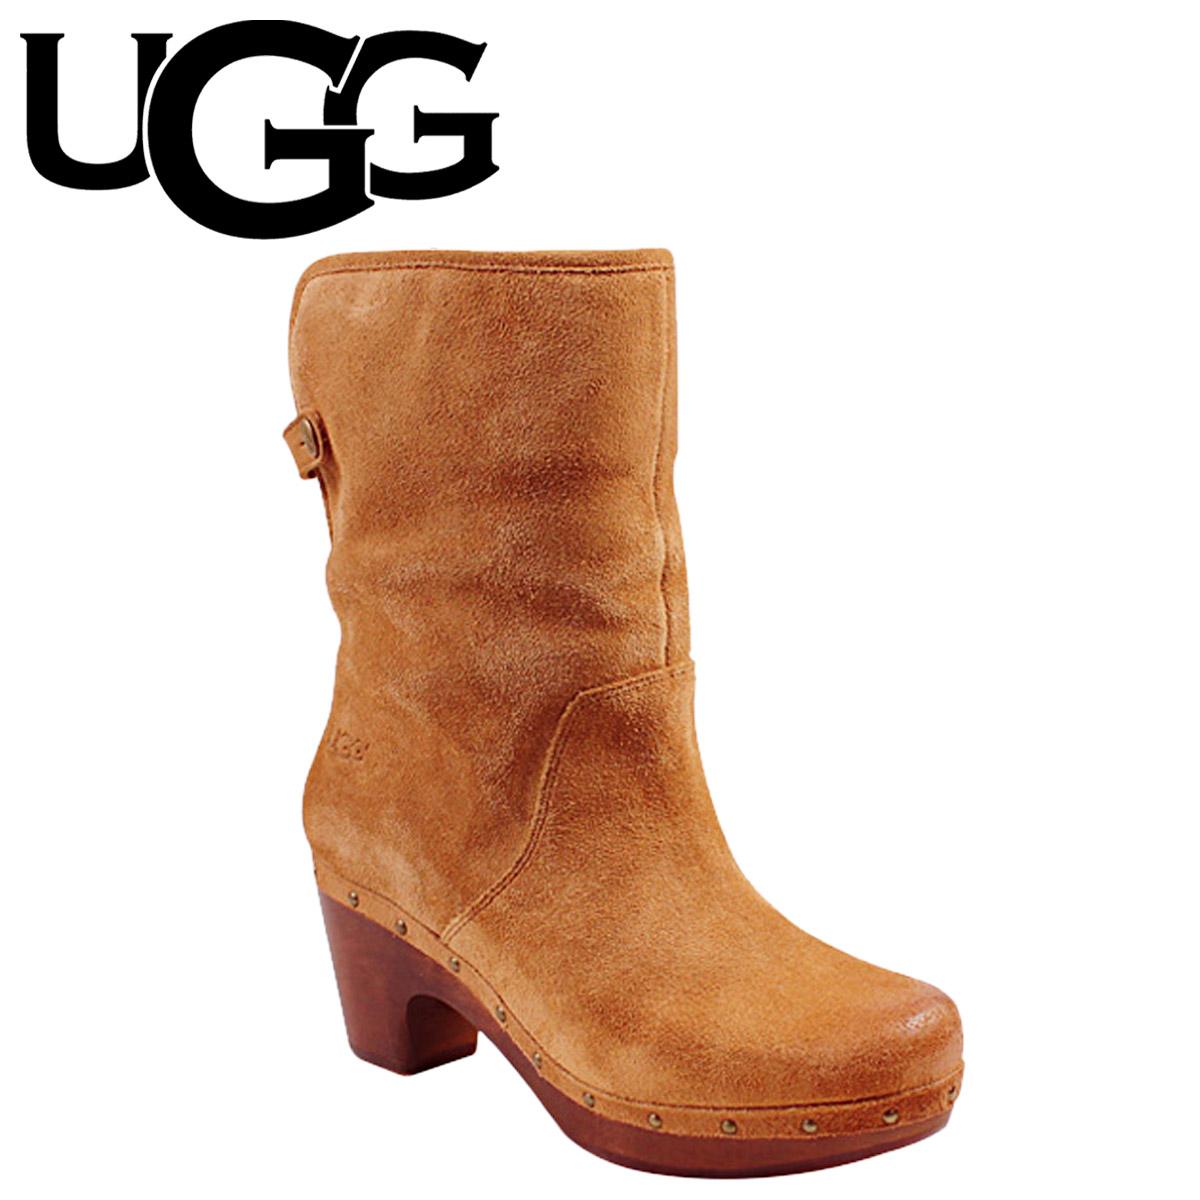 Ugg Lynnea Weight